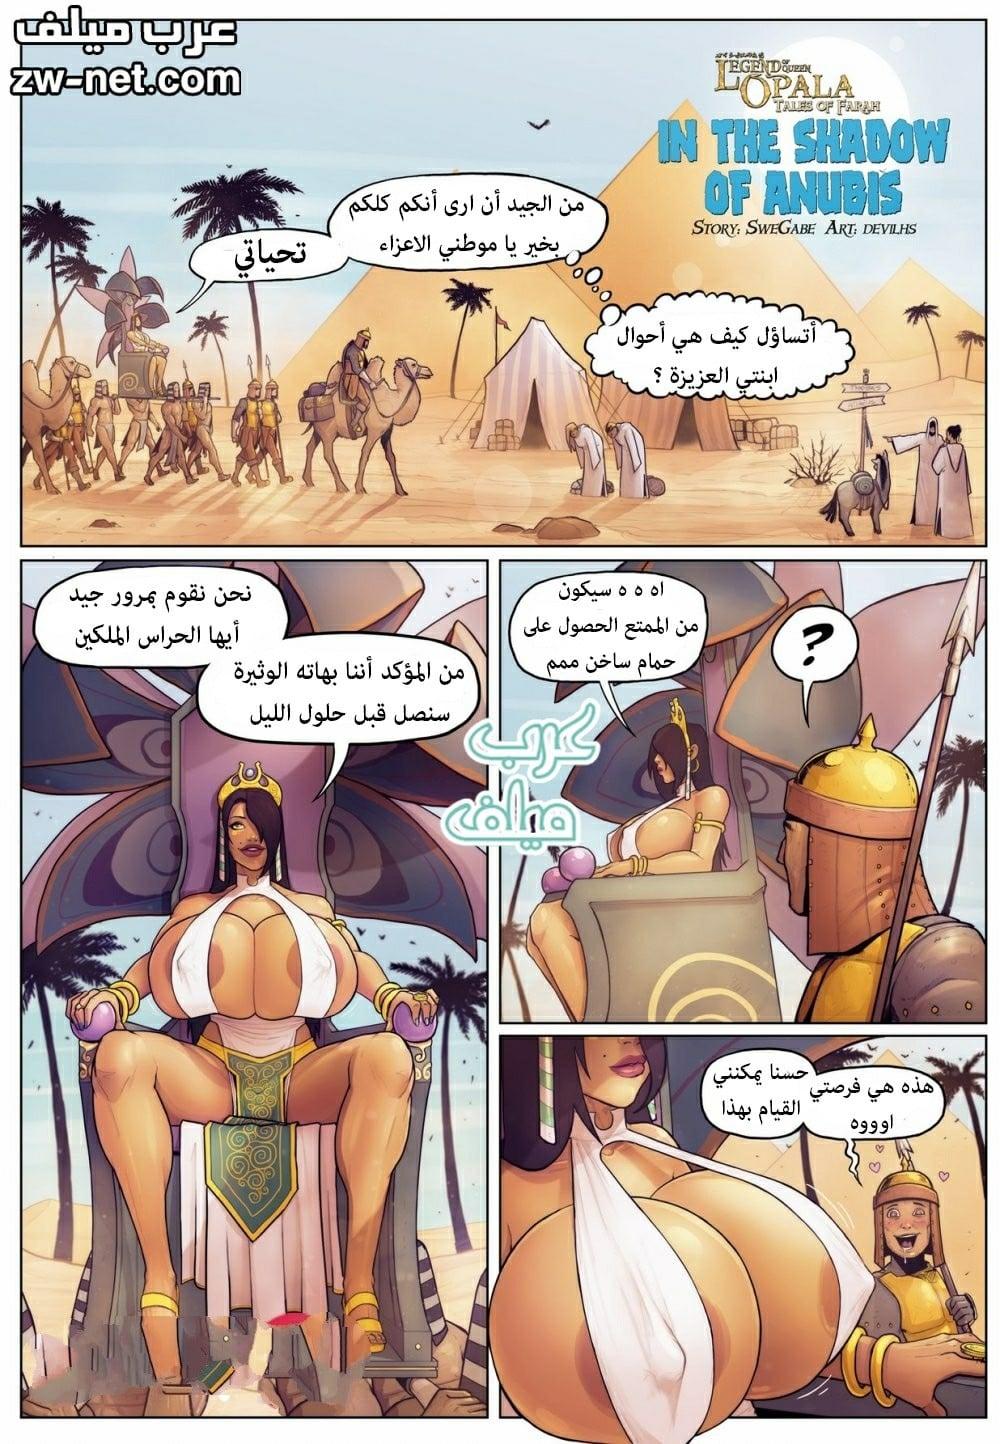 البزاز المنتفخة تحب القضيب الفرعوني